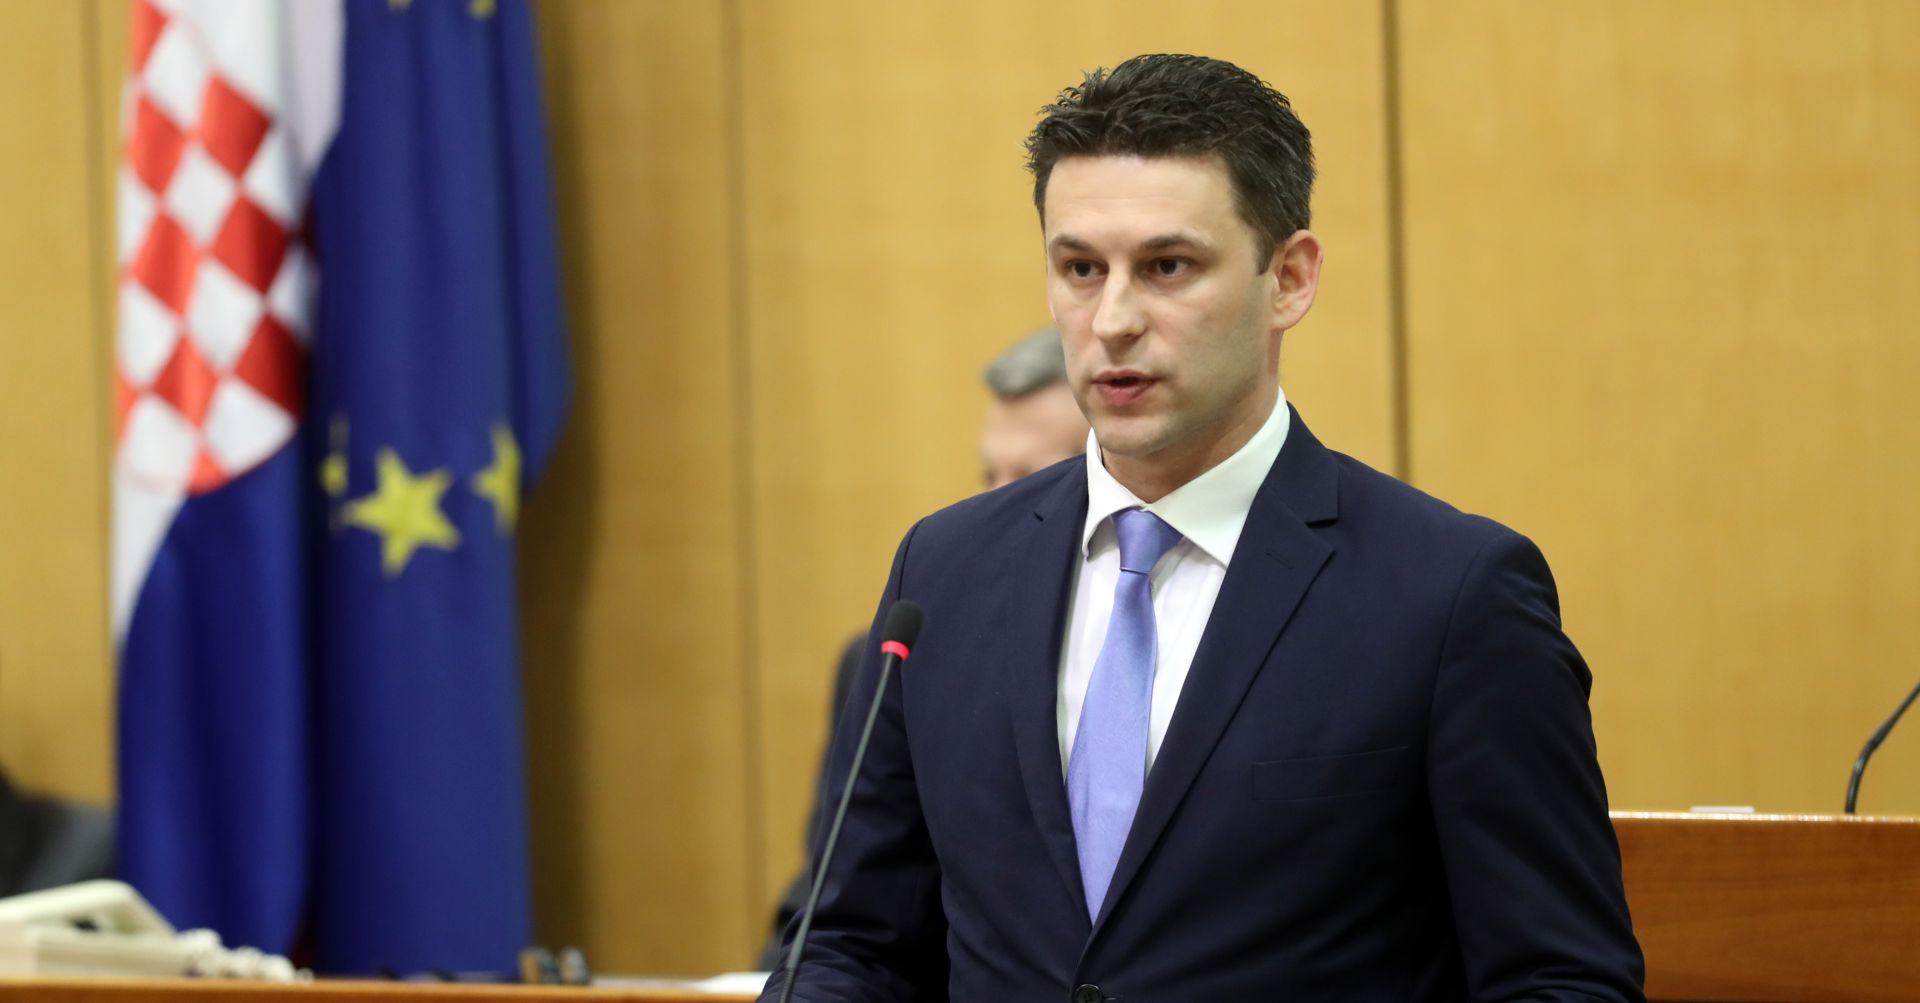 Božo Petrov kazneno prijavio Todorića i upravu Agrokora